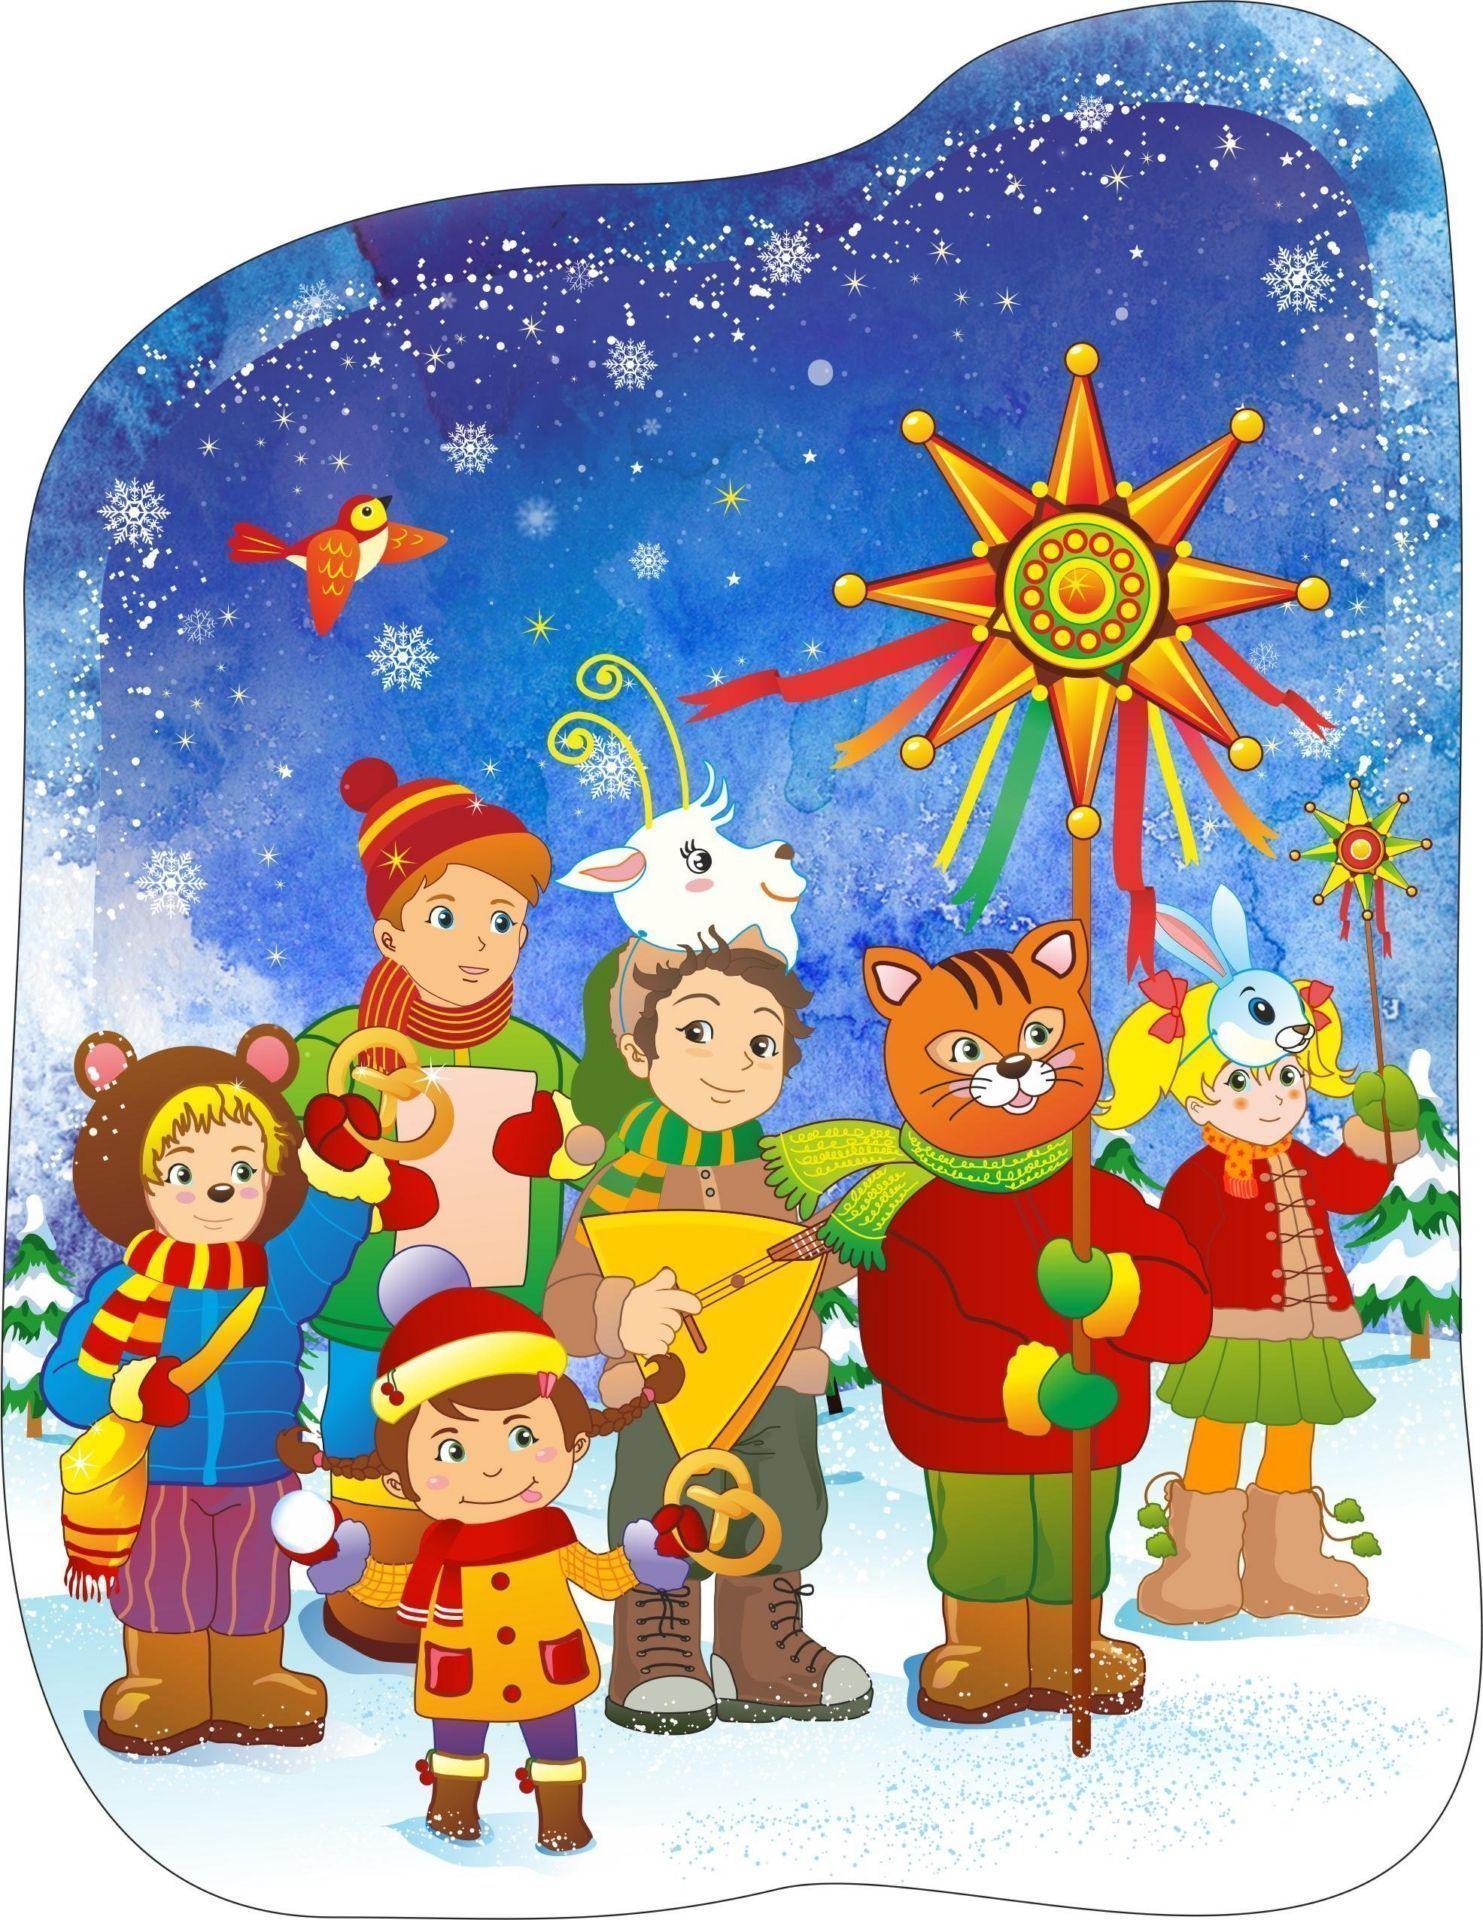 Плакат вырубной Рождественские колядкиТовары для оформления и проведения праздника<br>.<br><br>Год: 2017<br>Серия: Вырубные фигуры для оформления<br>Высота: 425<br>Ширина: 330<br>Переплёт: набор